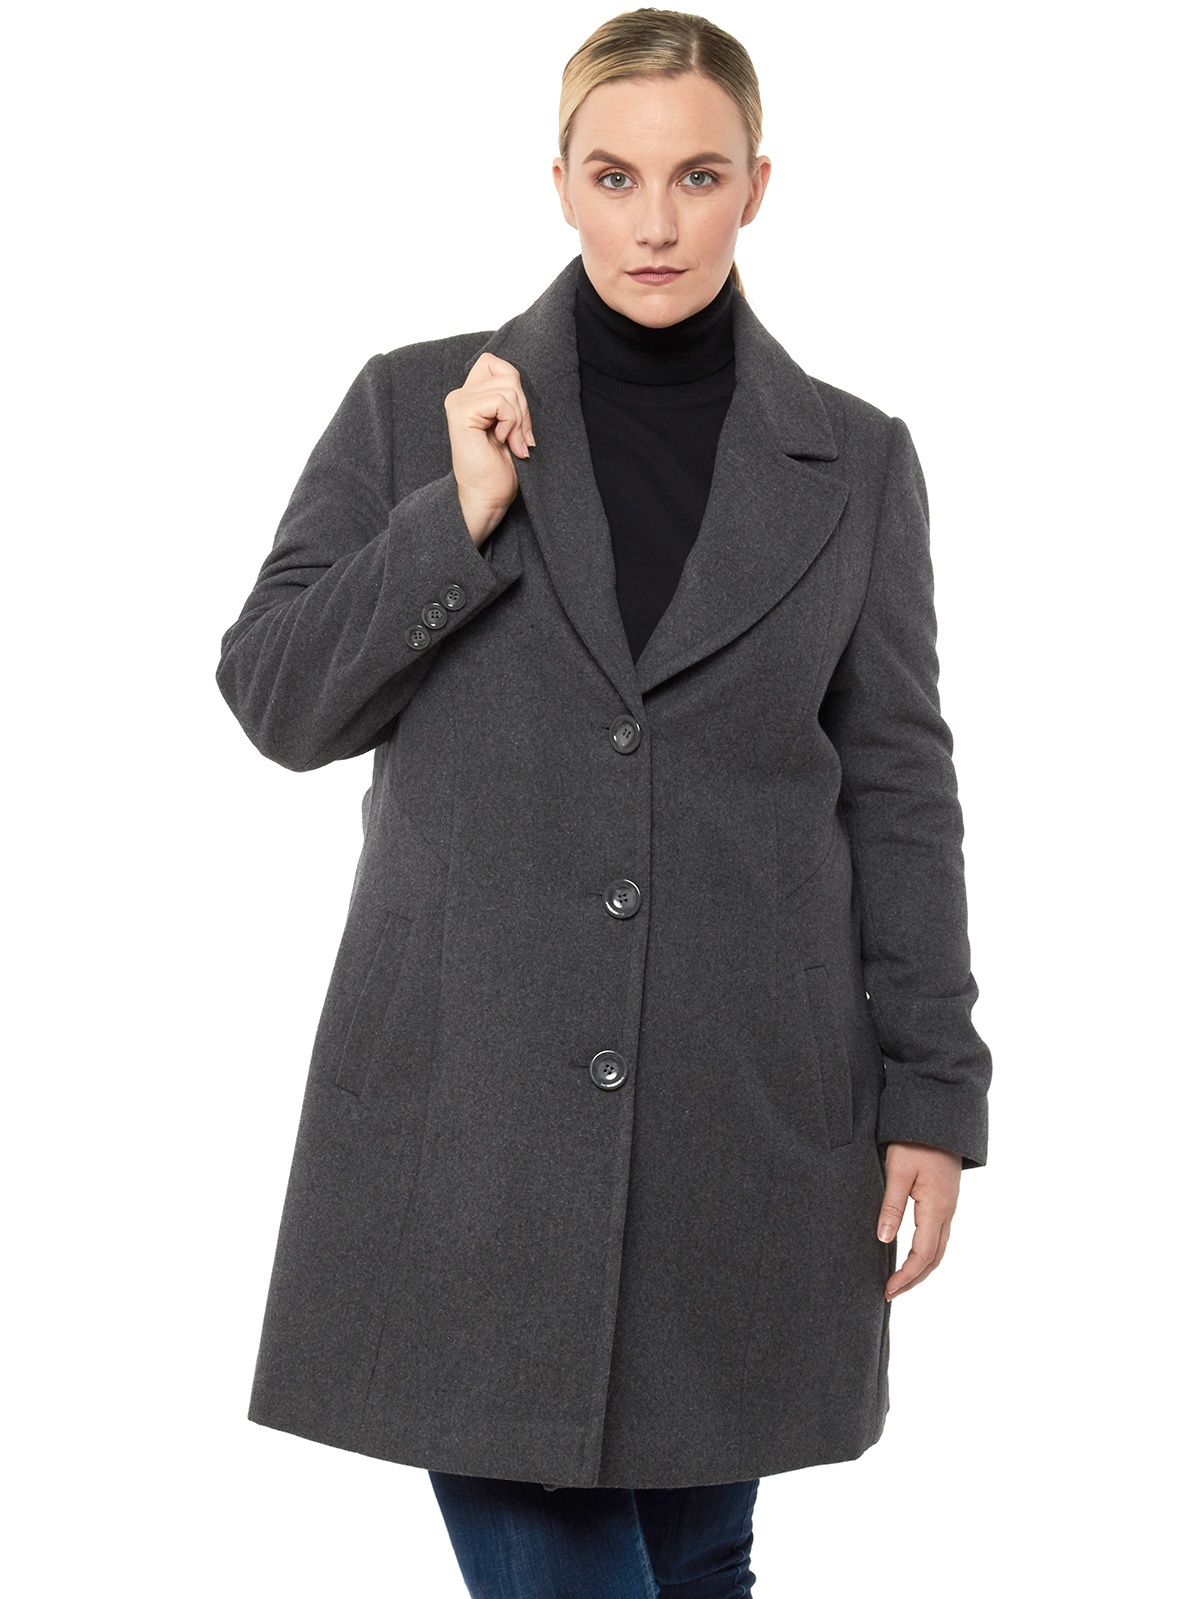 Alpine Swiss Womens Plus Size Wool Overcoat Walking Coat Blazer Pea Coat Jacket Gray 1XL by alpine swiss